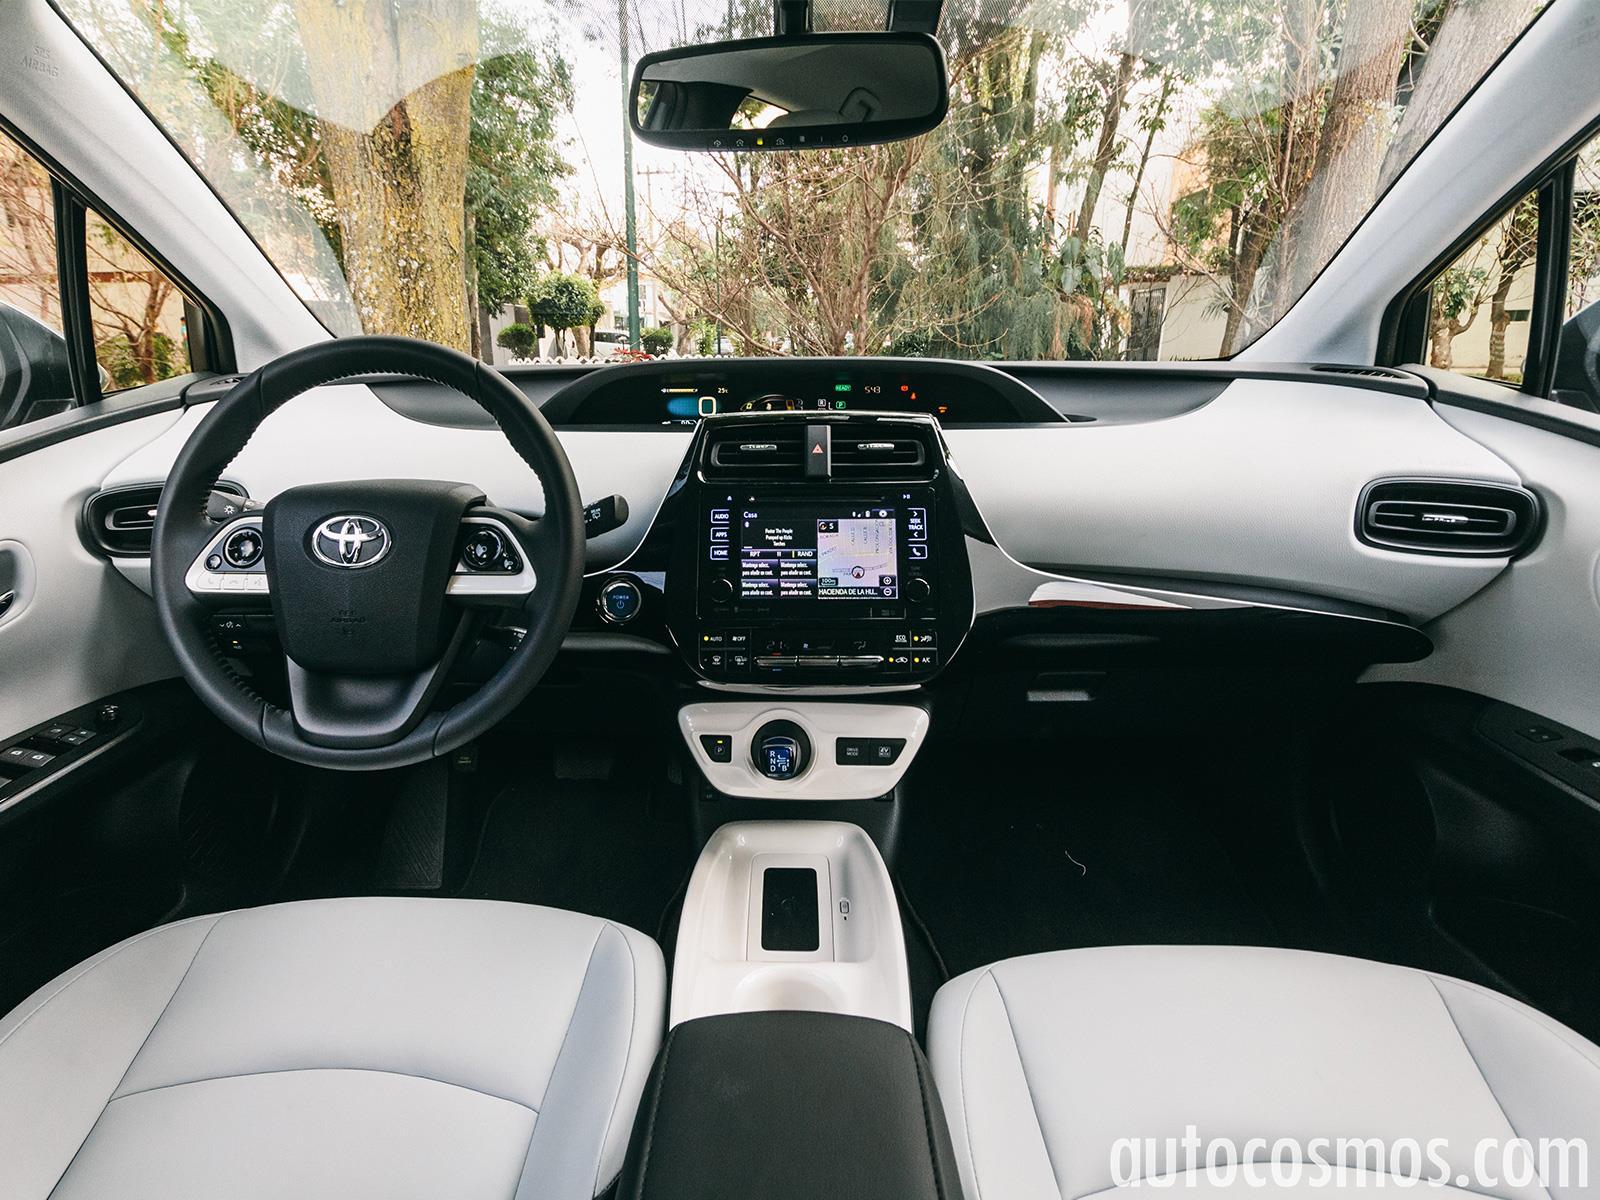 Toyota Prius 2016 a prueba - Autocosmos.com